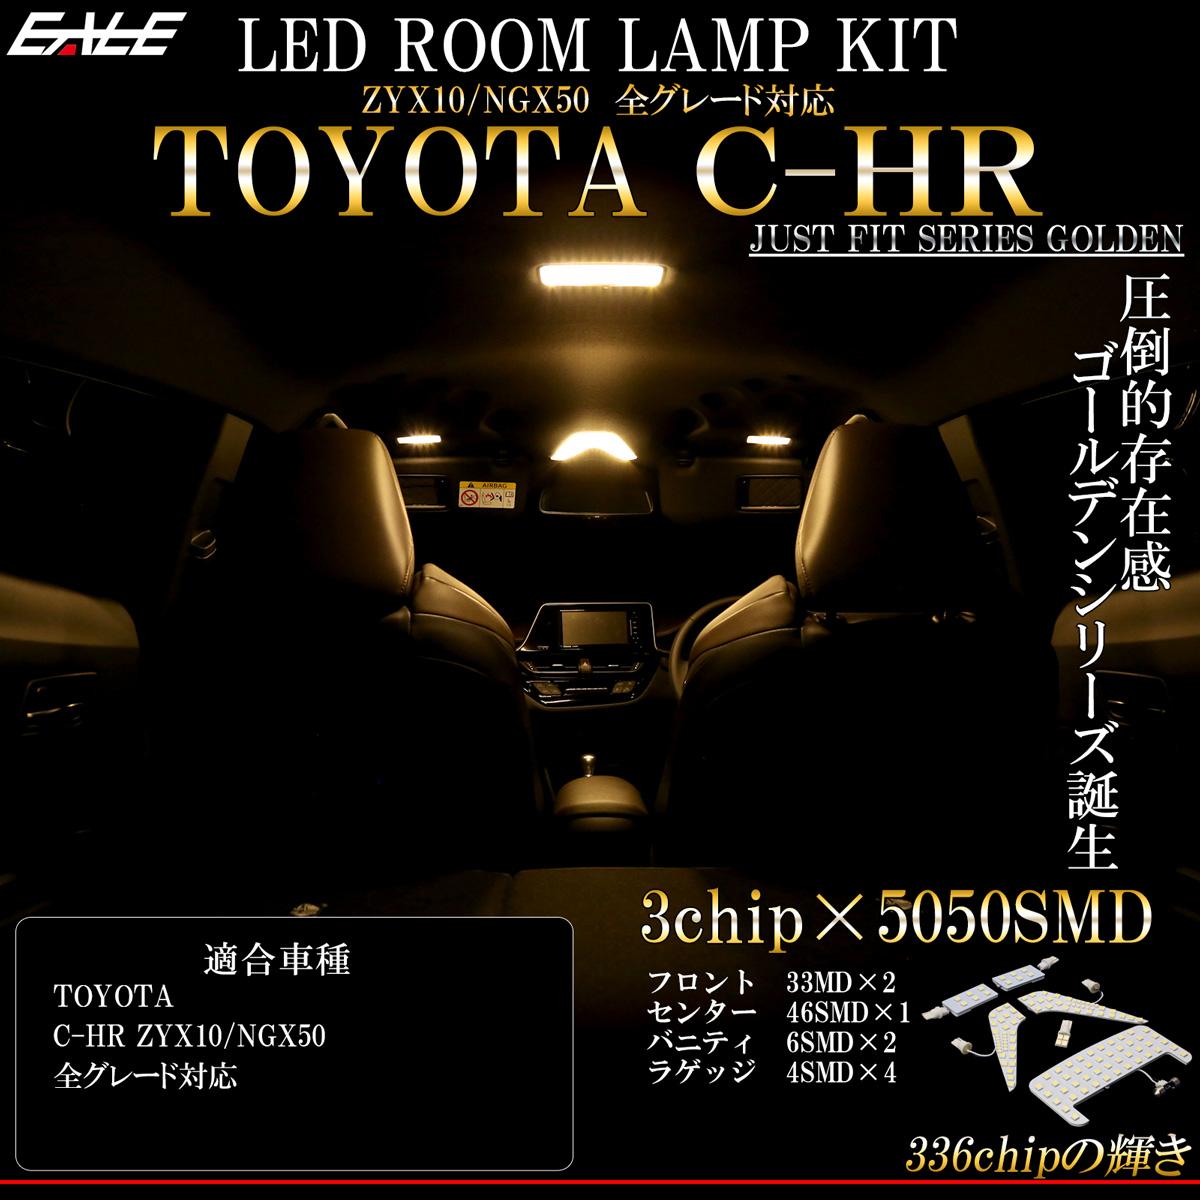 【ネコポス可】 トヨタ C-HR 専用設計 LED ルームランプ 3000K 電球色 ウォームホワイト 高輝度3chip×5050SMD